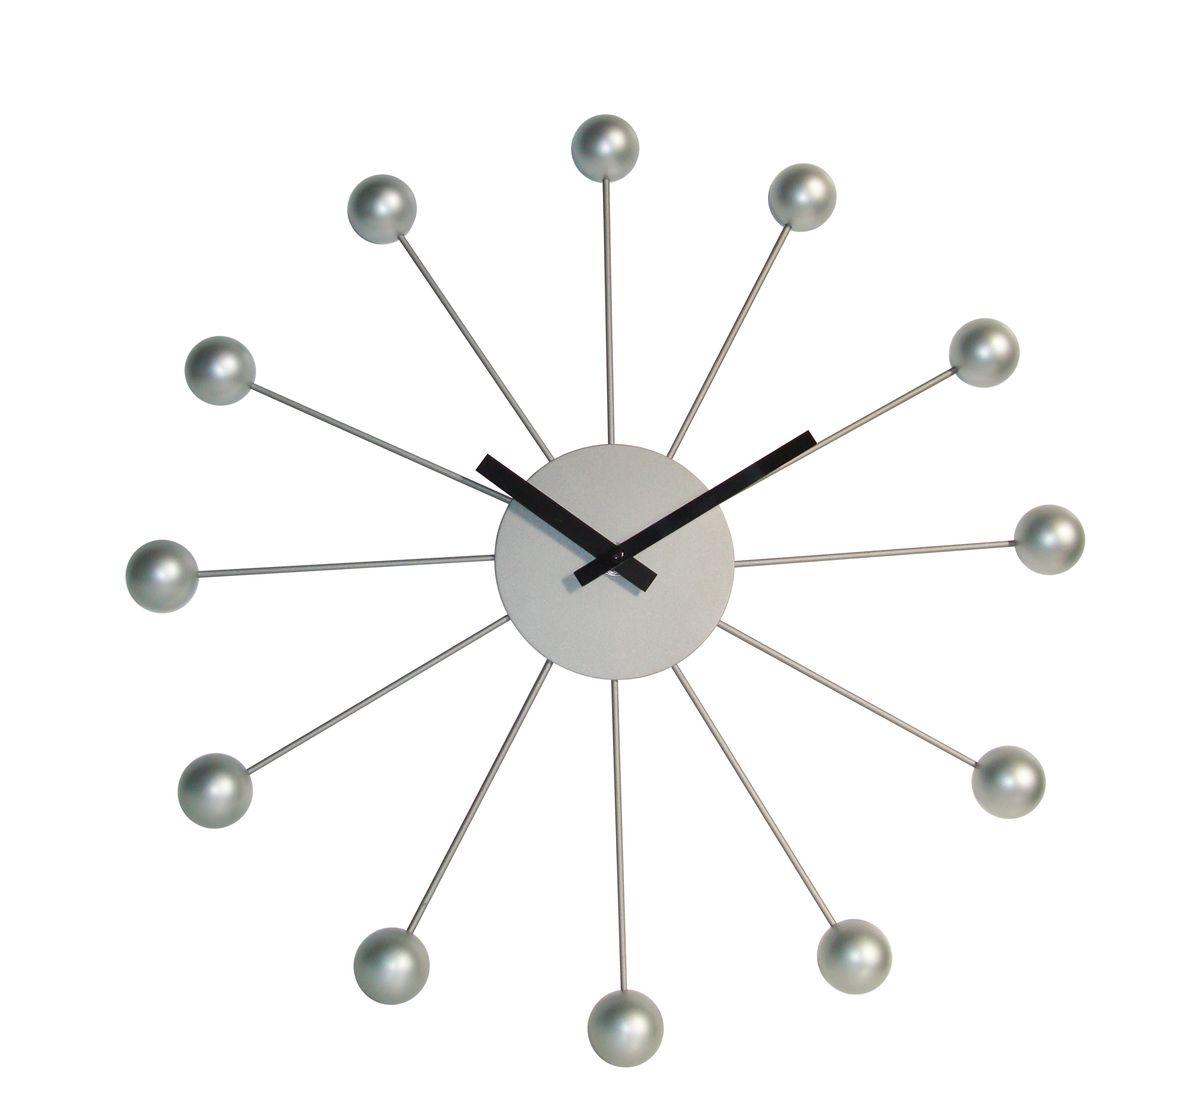 Часы настенные Arte Nuevo, диаметр 40 смEG7029AЧасы настенные Arte Nuevo станут изюминкой в дизайне интерьера вашегодома. Часы имеют две стрелки - часовую и минутную. Часовой механизм сзадизакрыт пластиковым корпусом. Предусмотрено отверстие для крепления настену. Диаметр часов: 40 см.